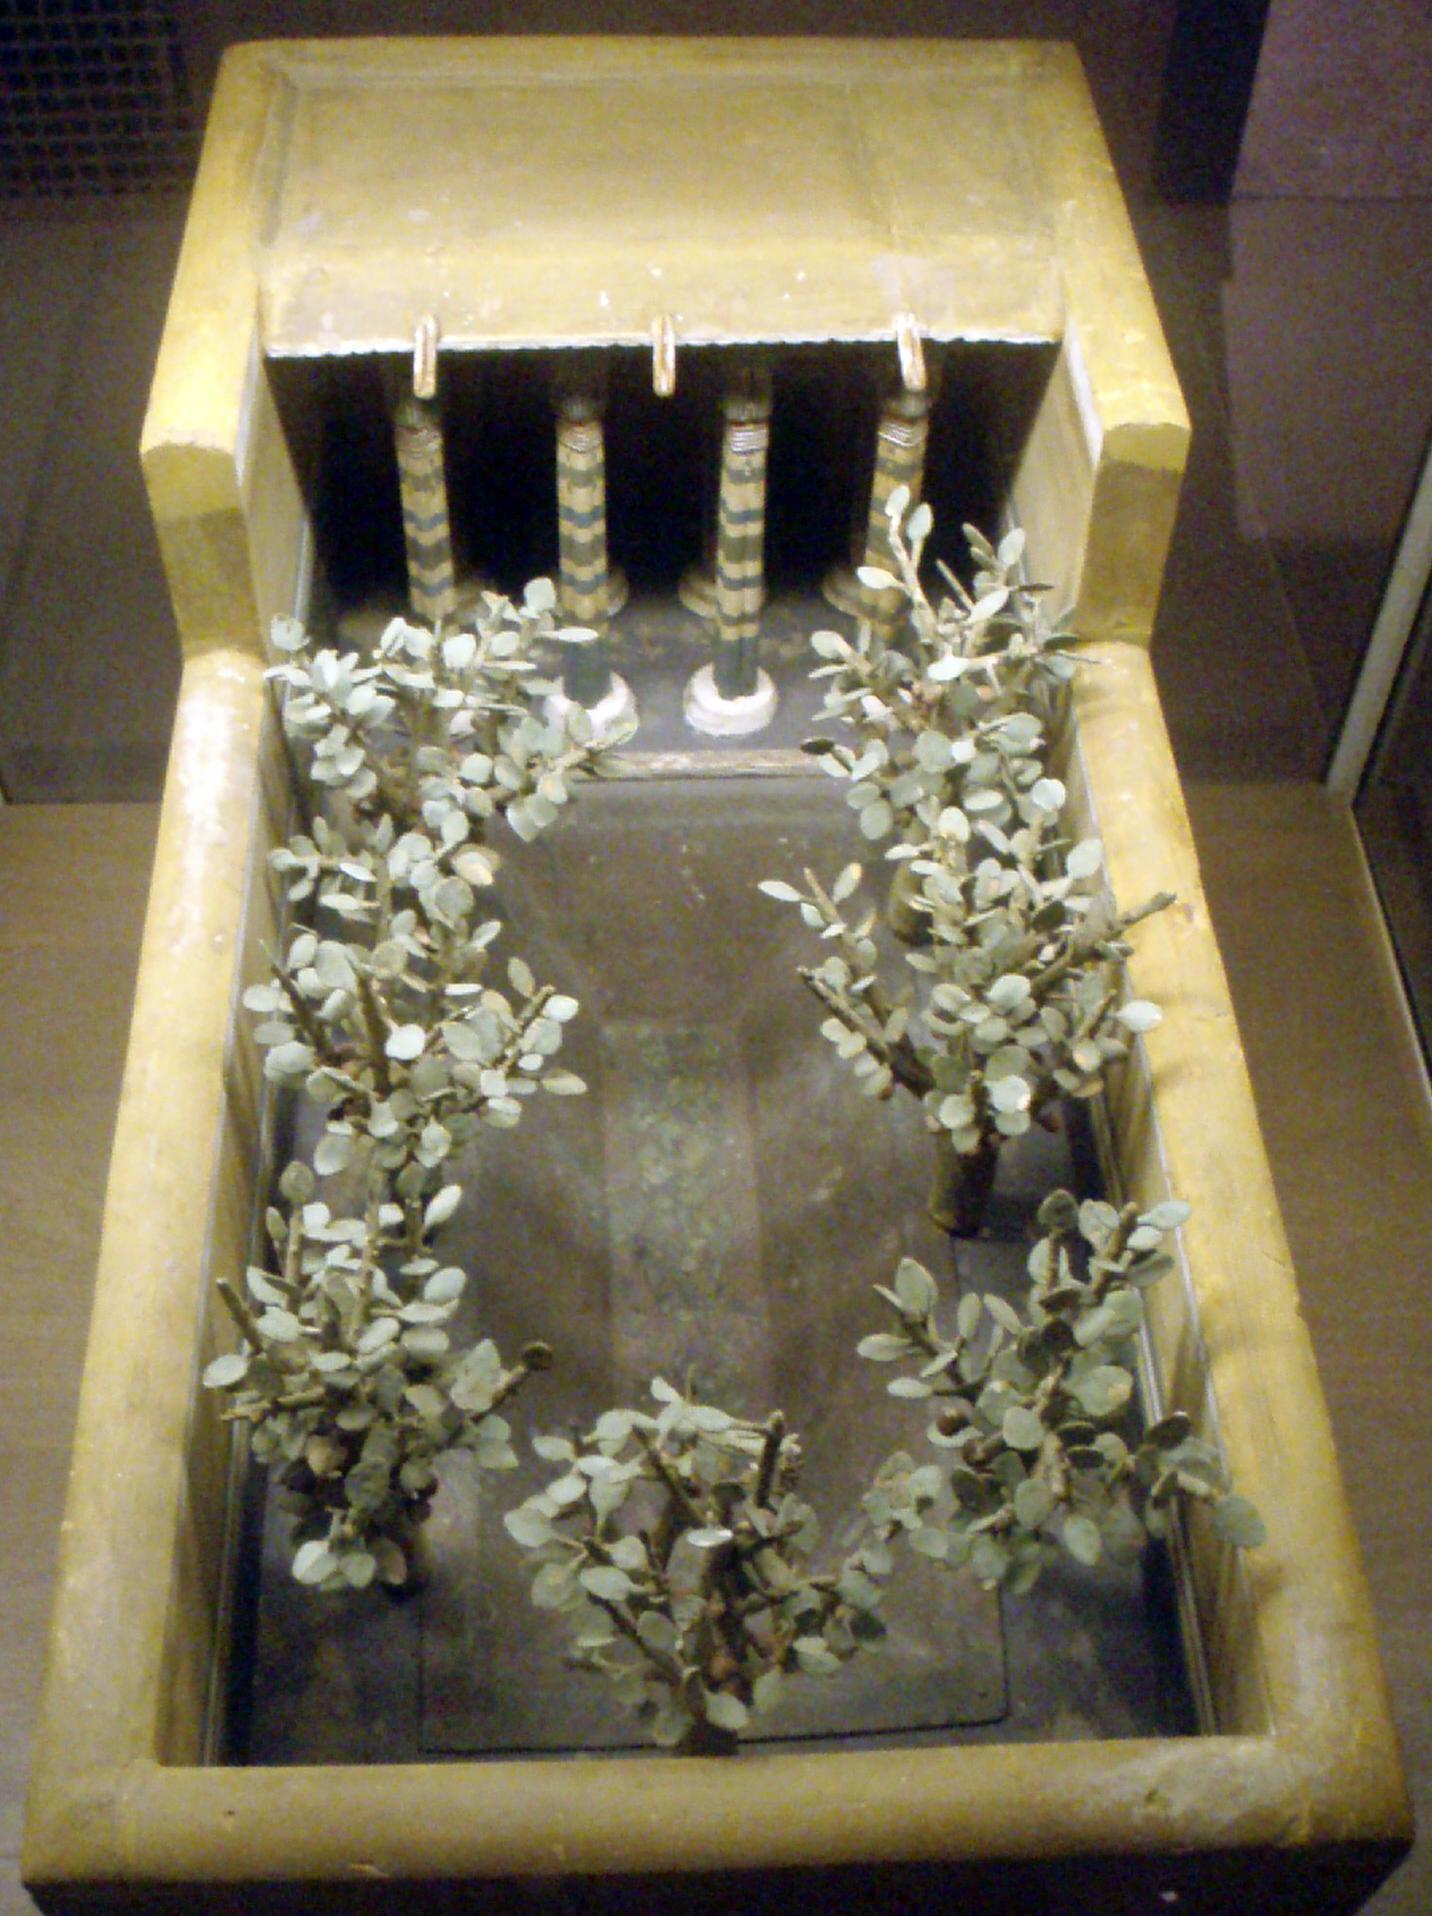 Funerary garden